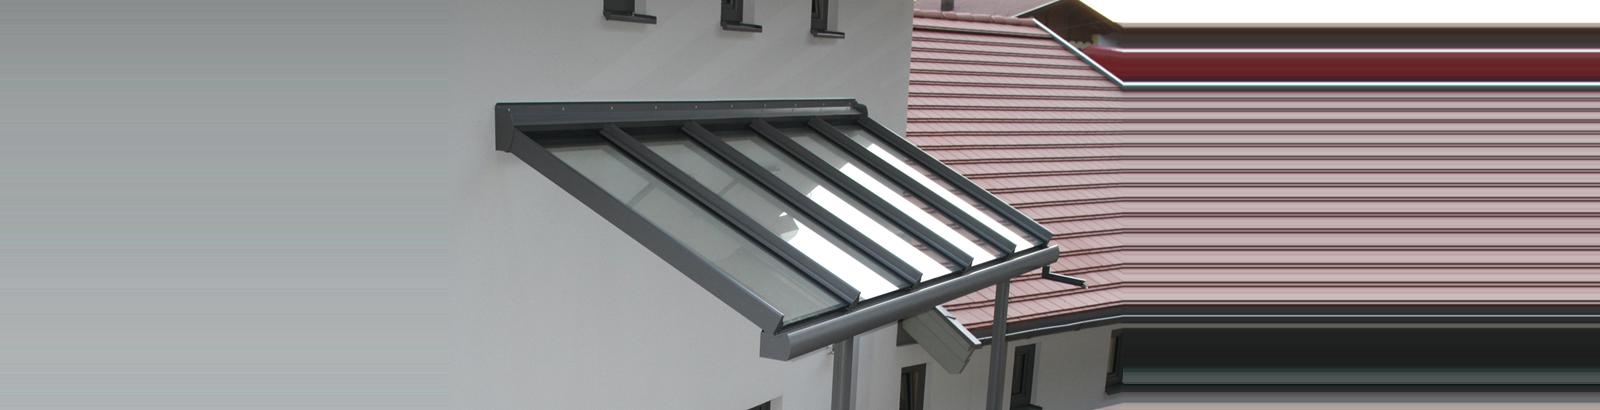 berdachungen terrassen berdachung carports aus aluminium. Black Bedroom Furniture Sets. Home Design Ideas